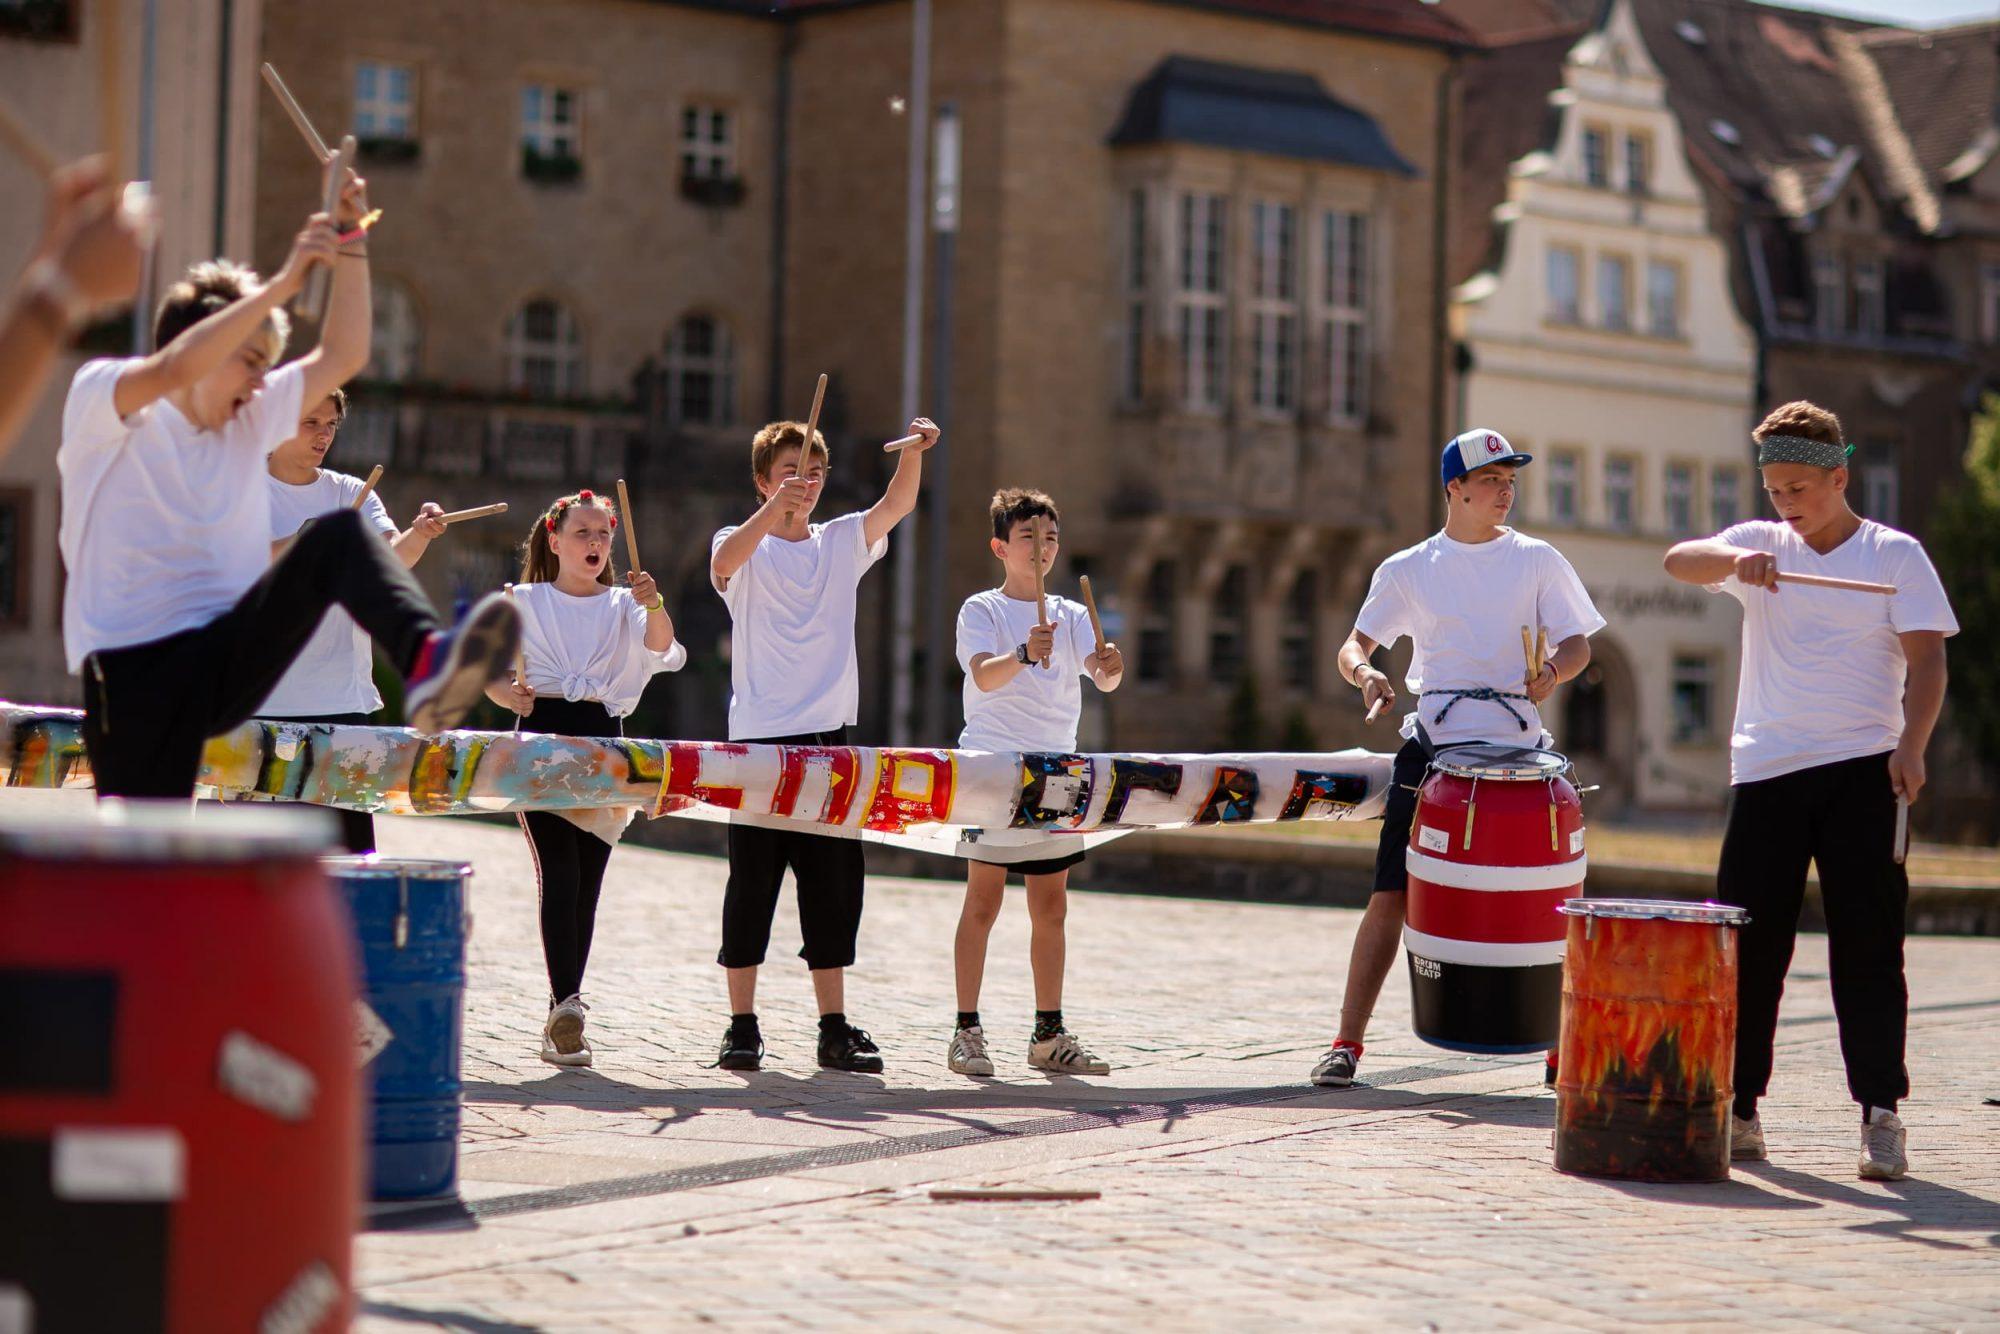 Kinder und Jugendliche während einer Aufführung des Zirkus Upsala.